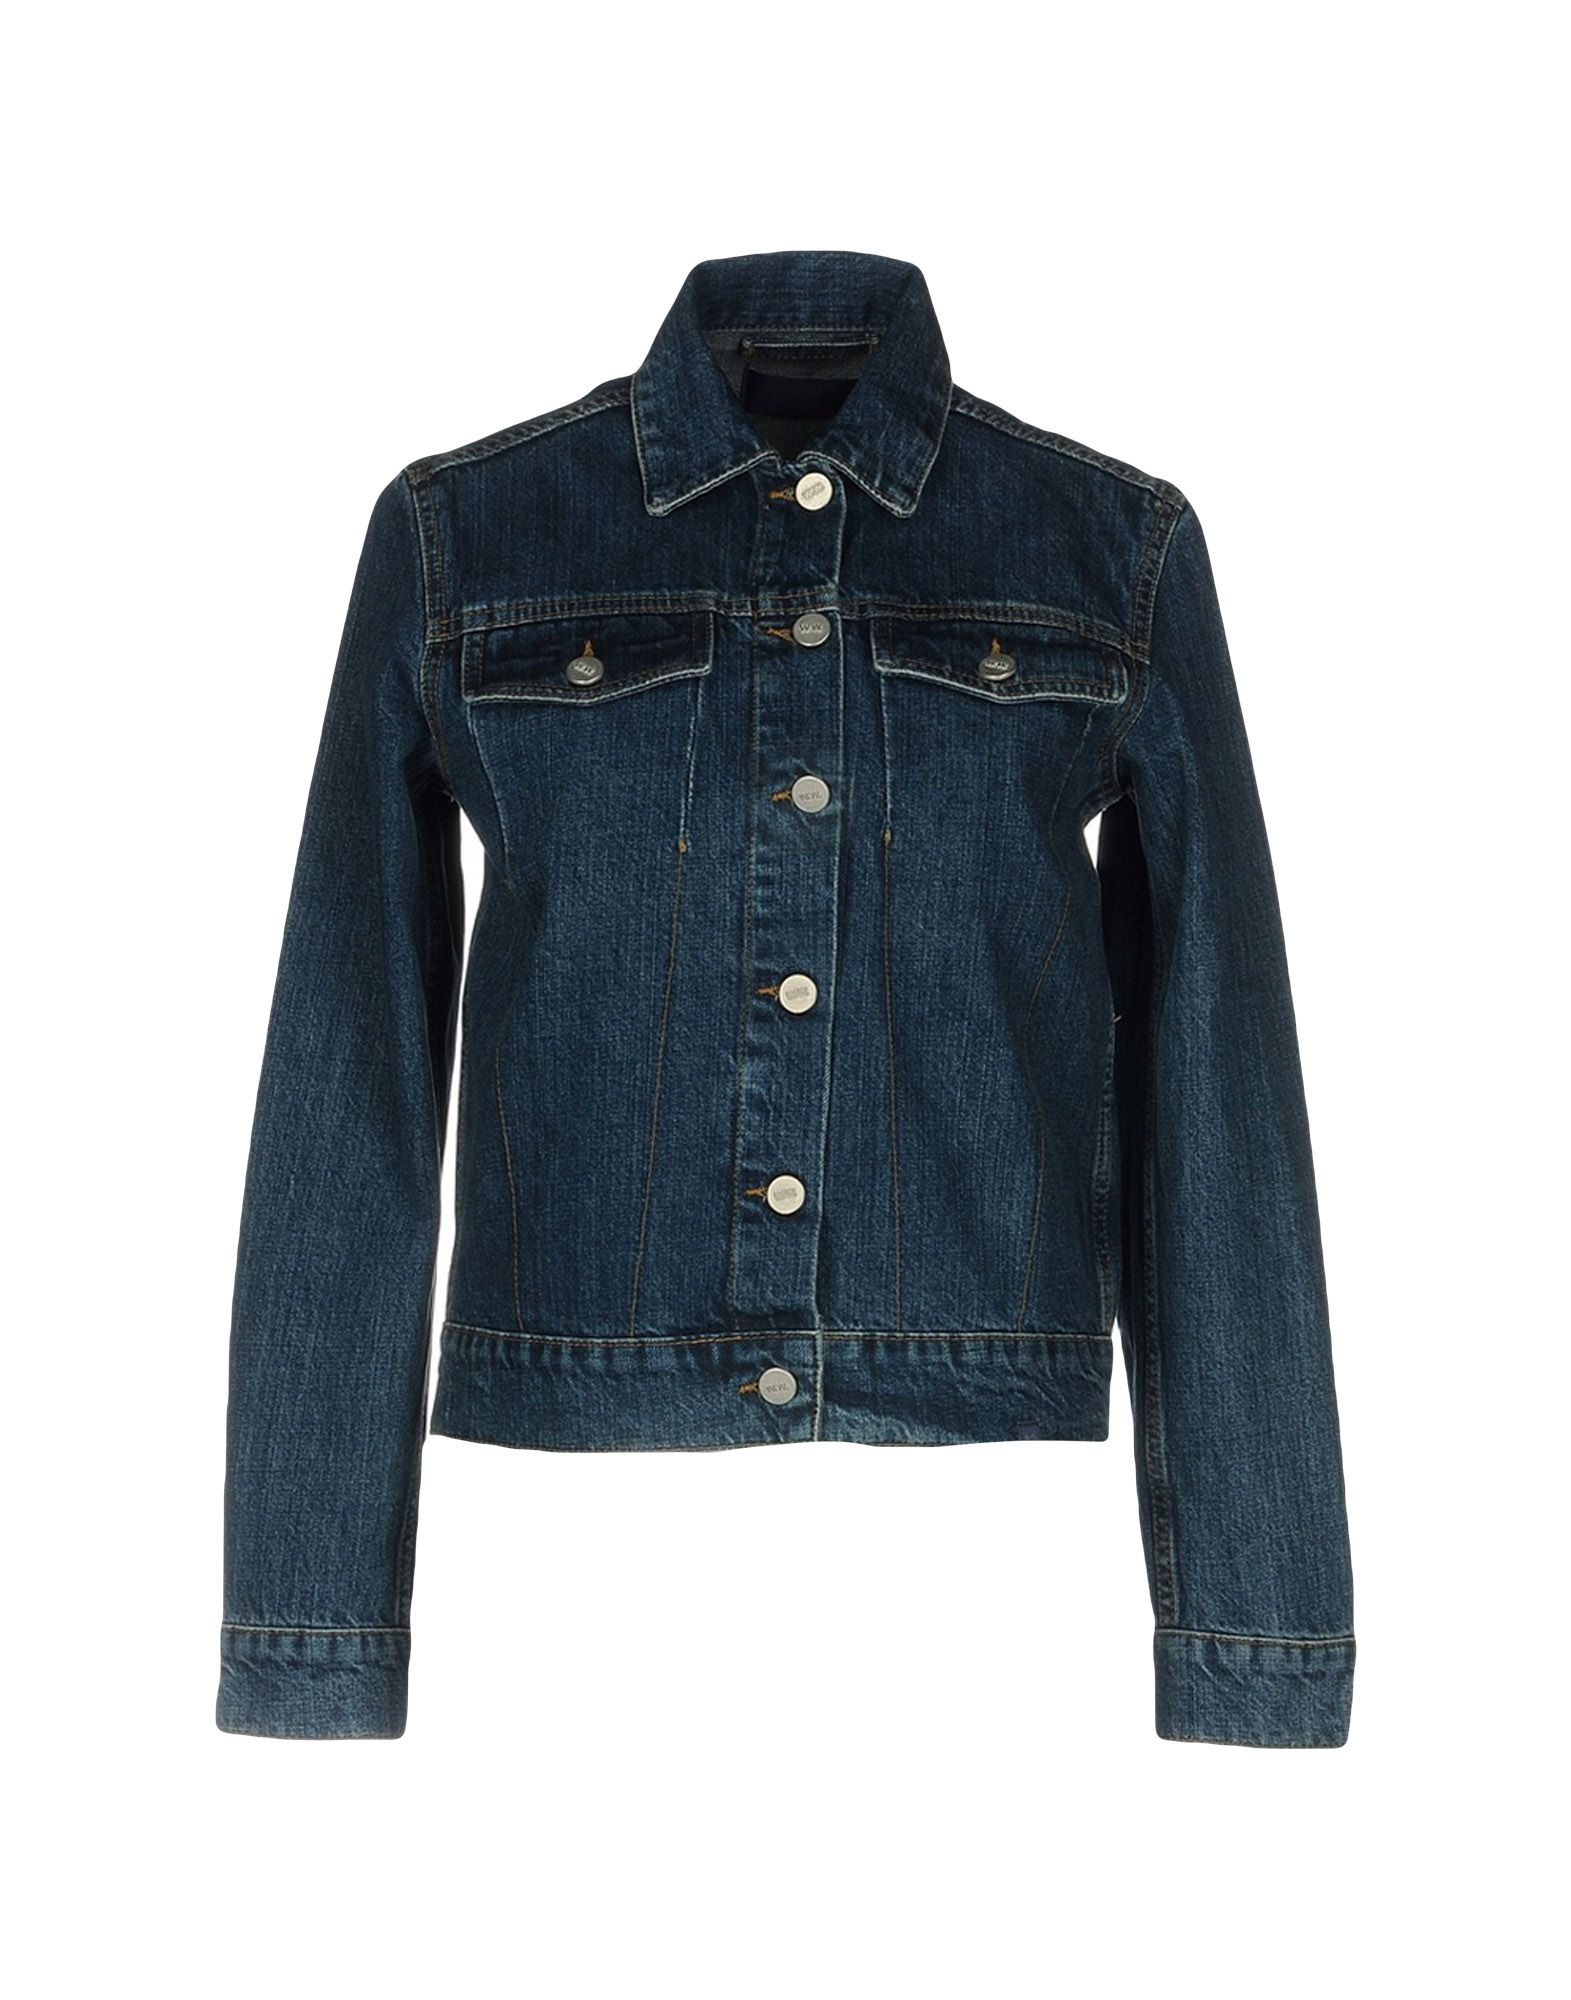 WOOD WOOD Джинсовая верхняя одежда elle sasson джинсовая верхняя одежда